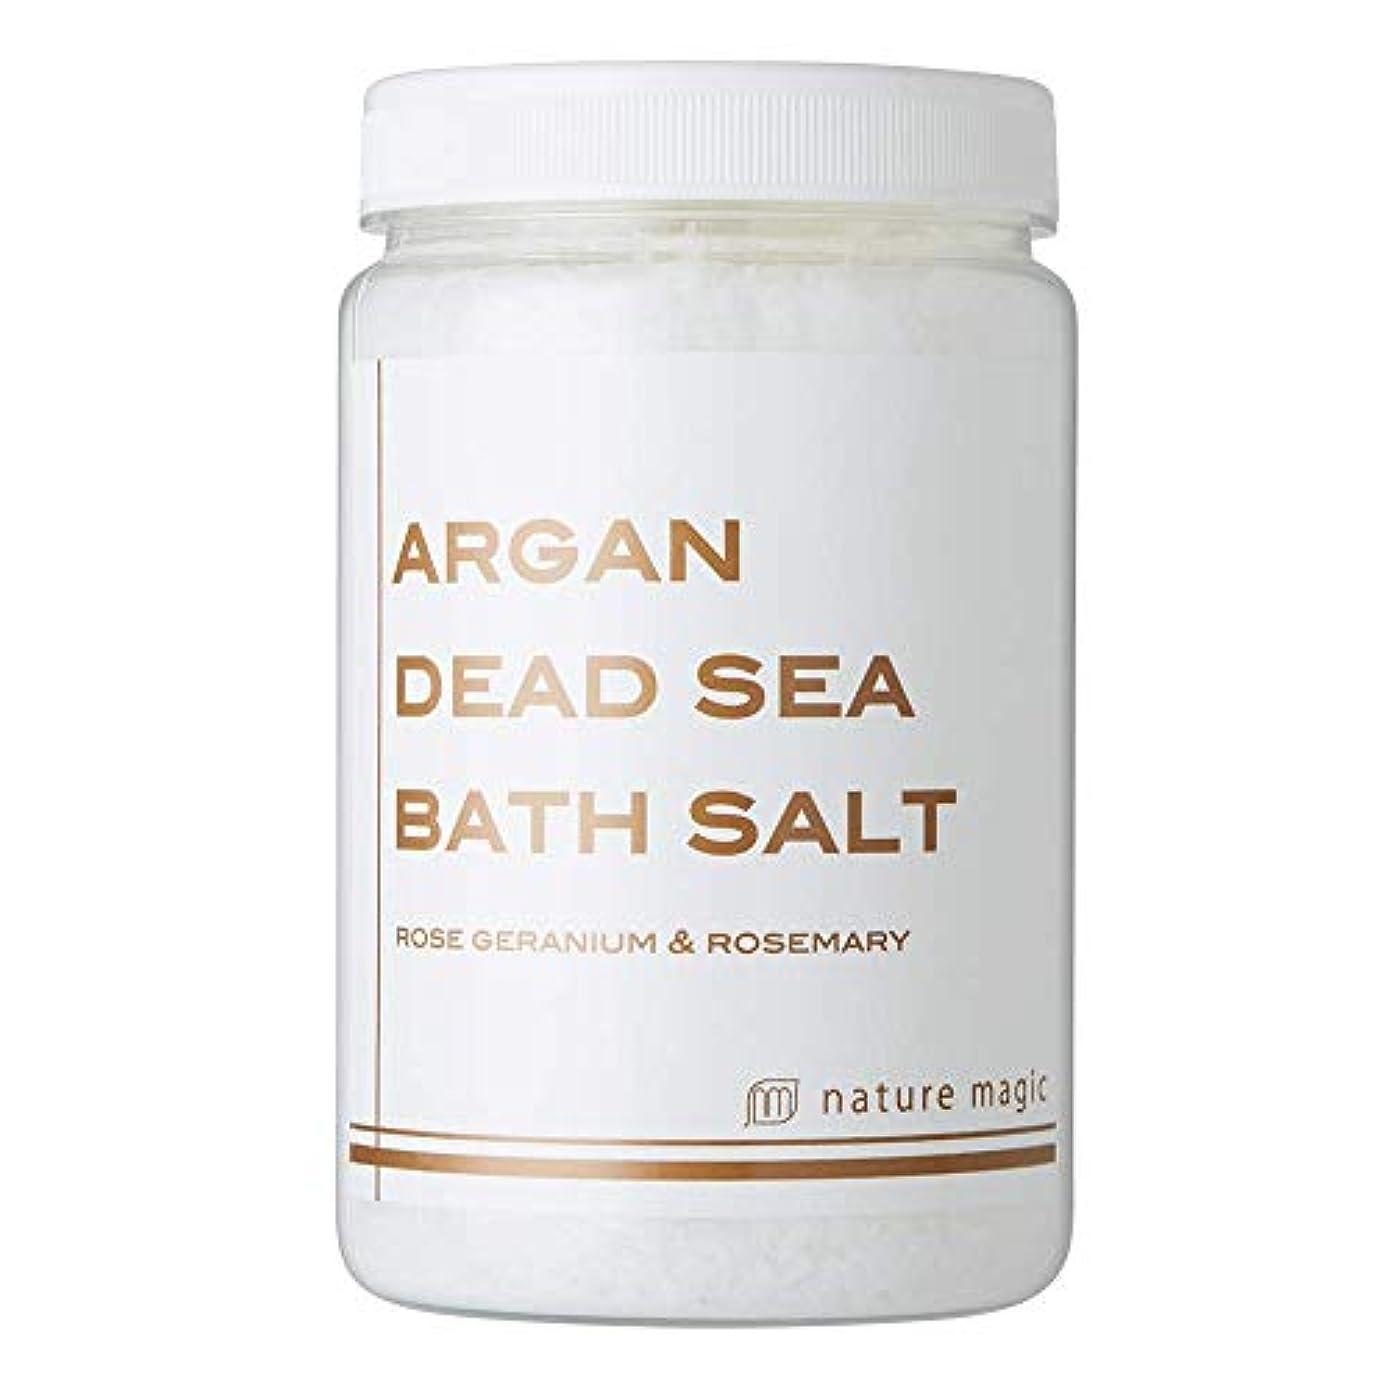 ランクお願いします上げる【死海の天然塩にアルガンオイルを配合した全身ポカポカ、お肌つるつる入浴剤】アルガンデッドシーバスソルト